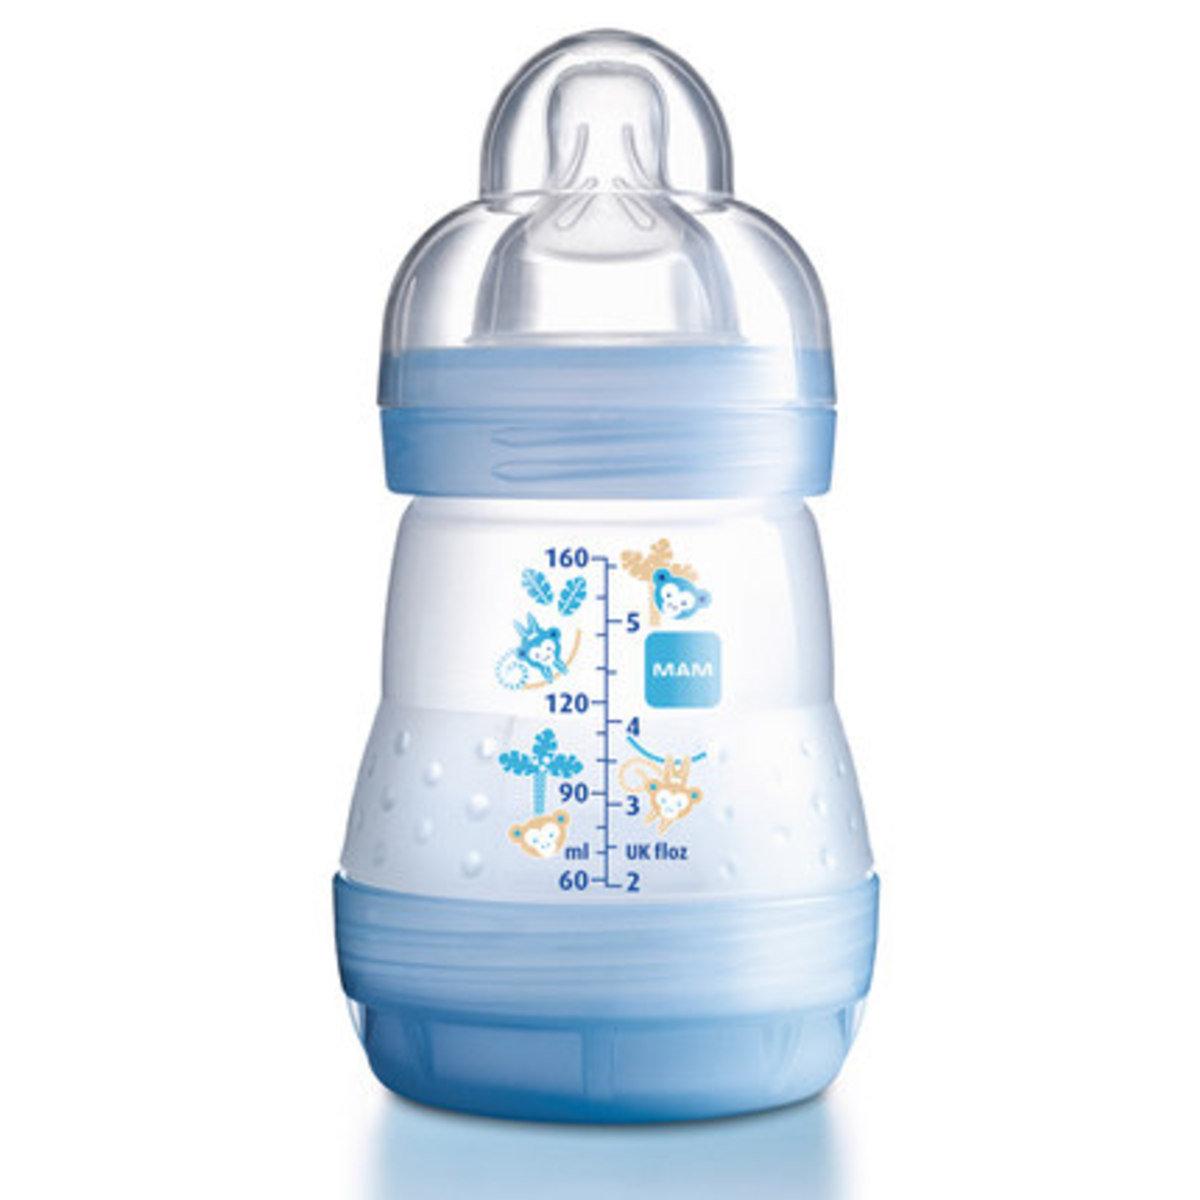 防脹氣奶瓶160ml-藍色